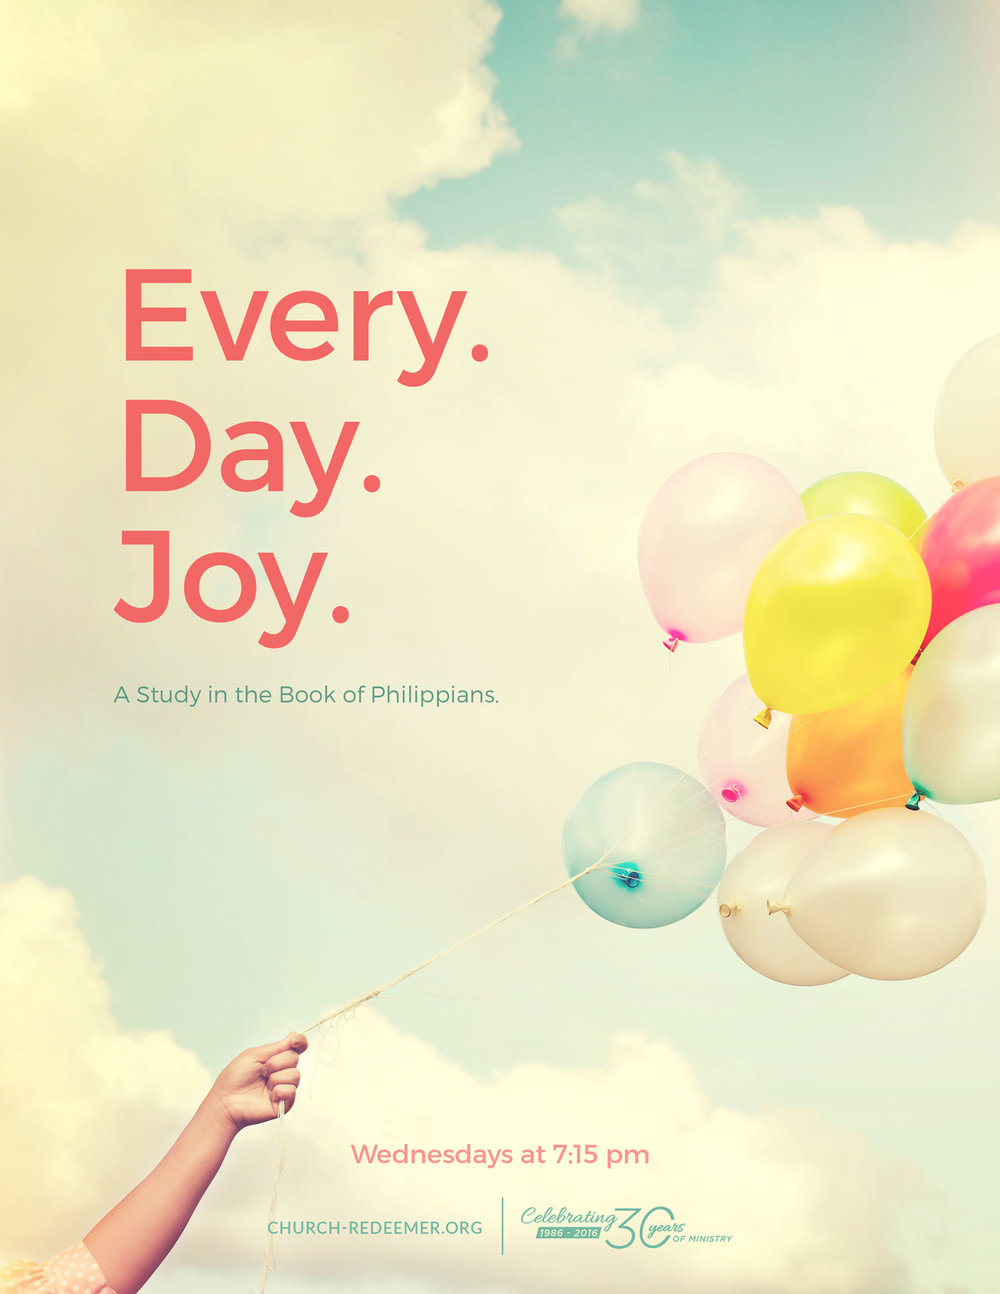 everydayjoy_v2.jpg